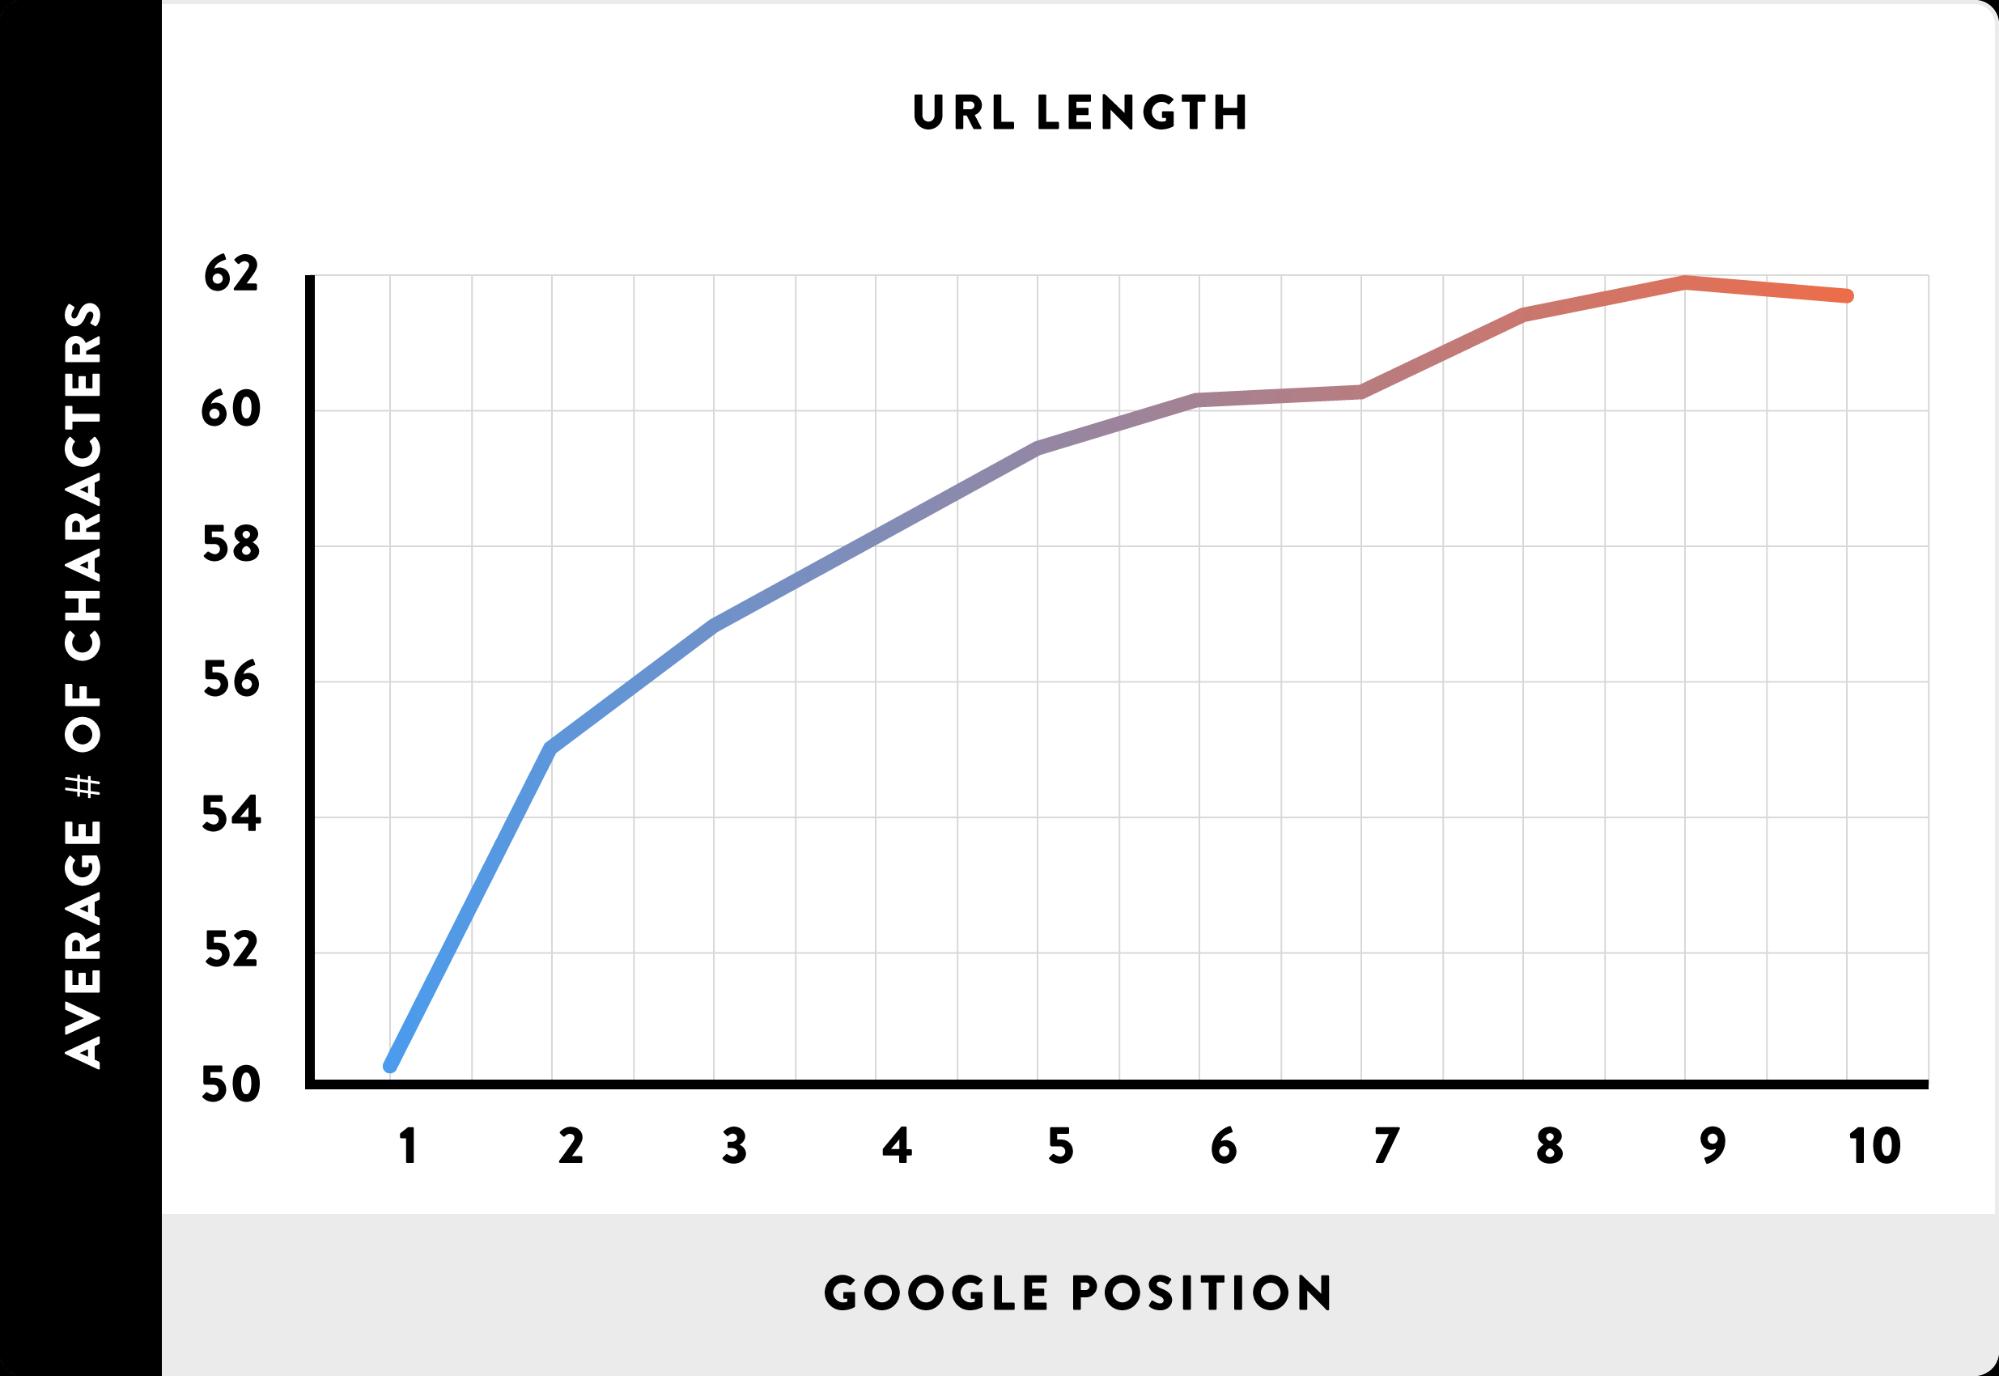 Eine Grafik, die das Verhältnis von URL-Länge und Position bei Google anzeigt.